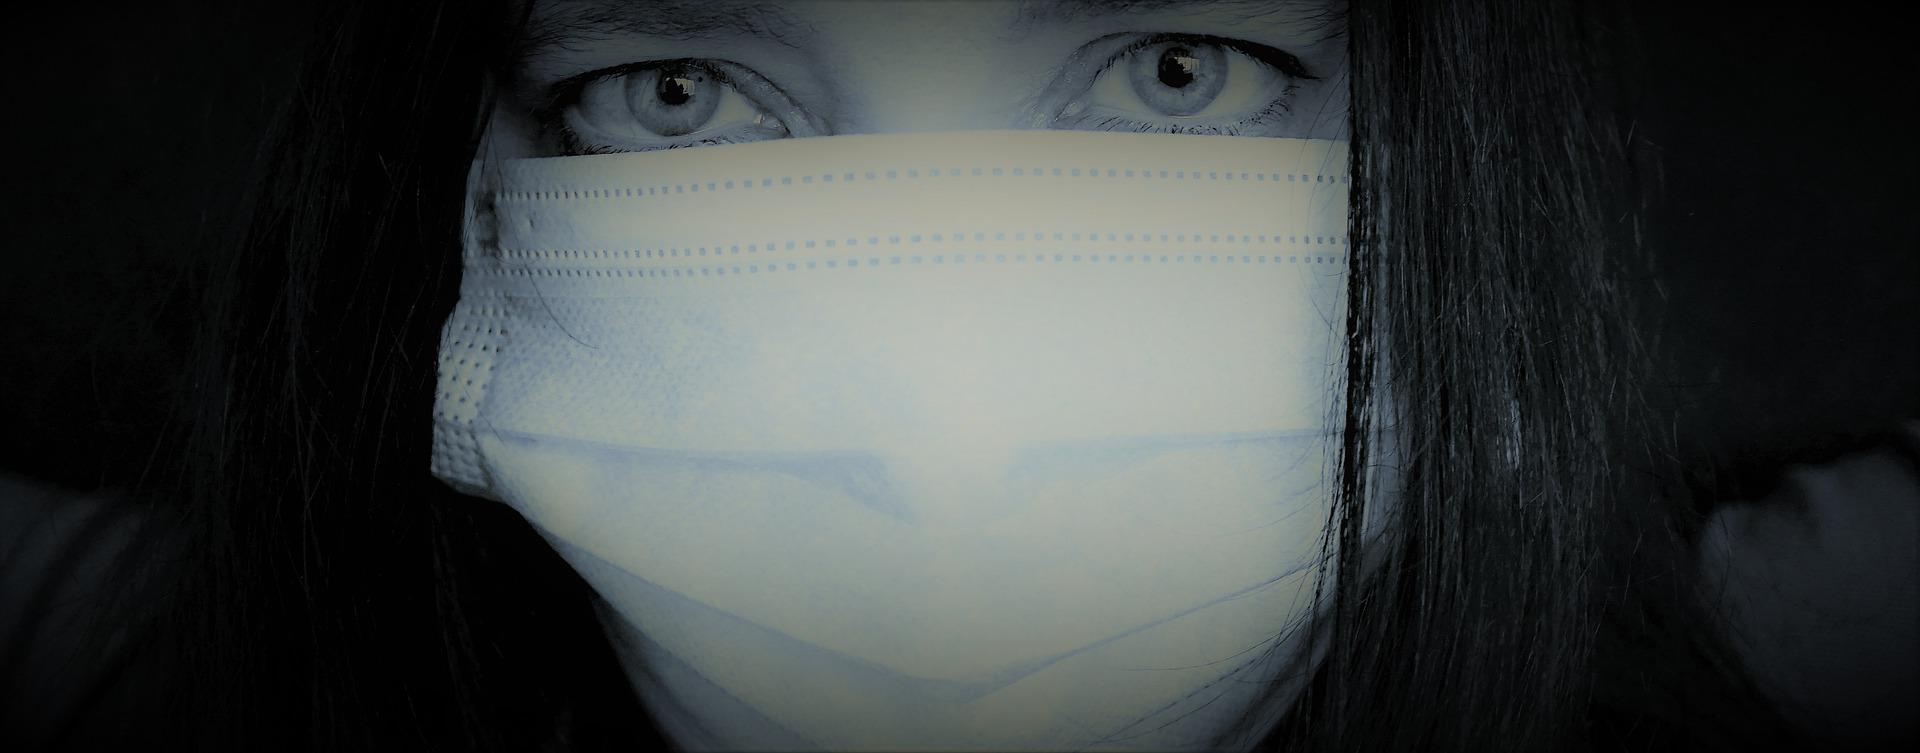 Consecuencias del uso continuado de la mascarilla, sobre los ojos